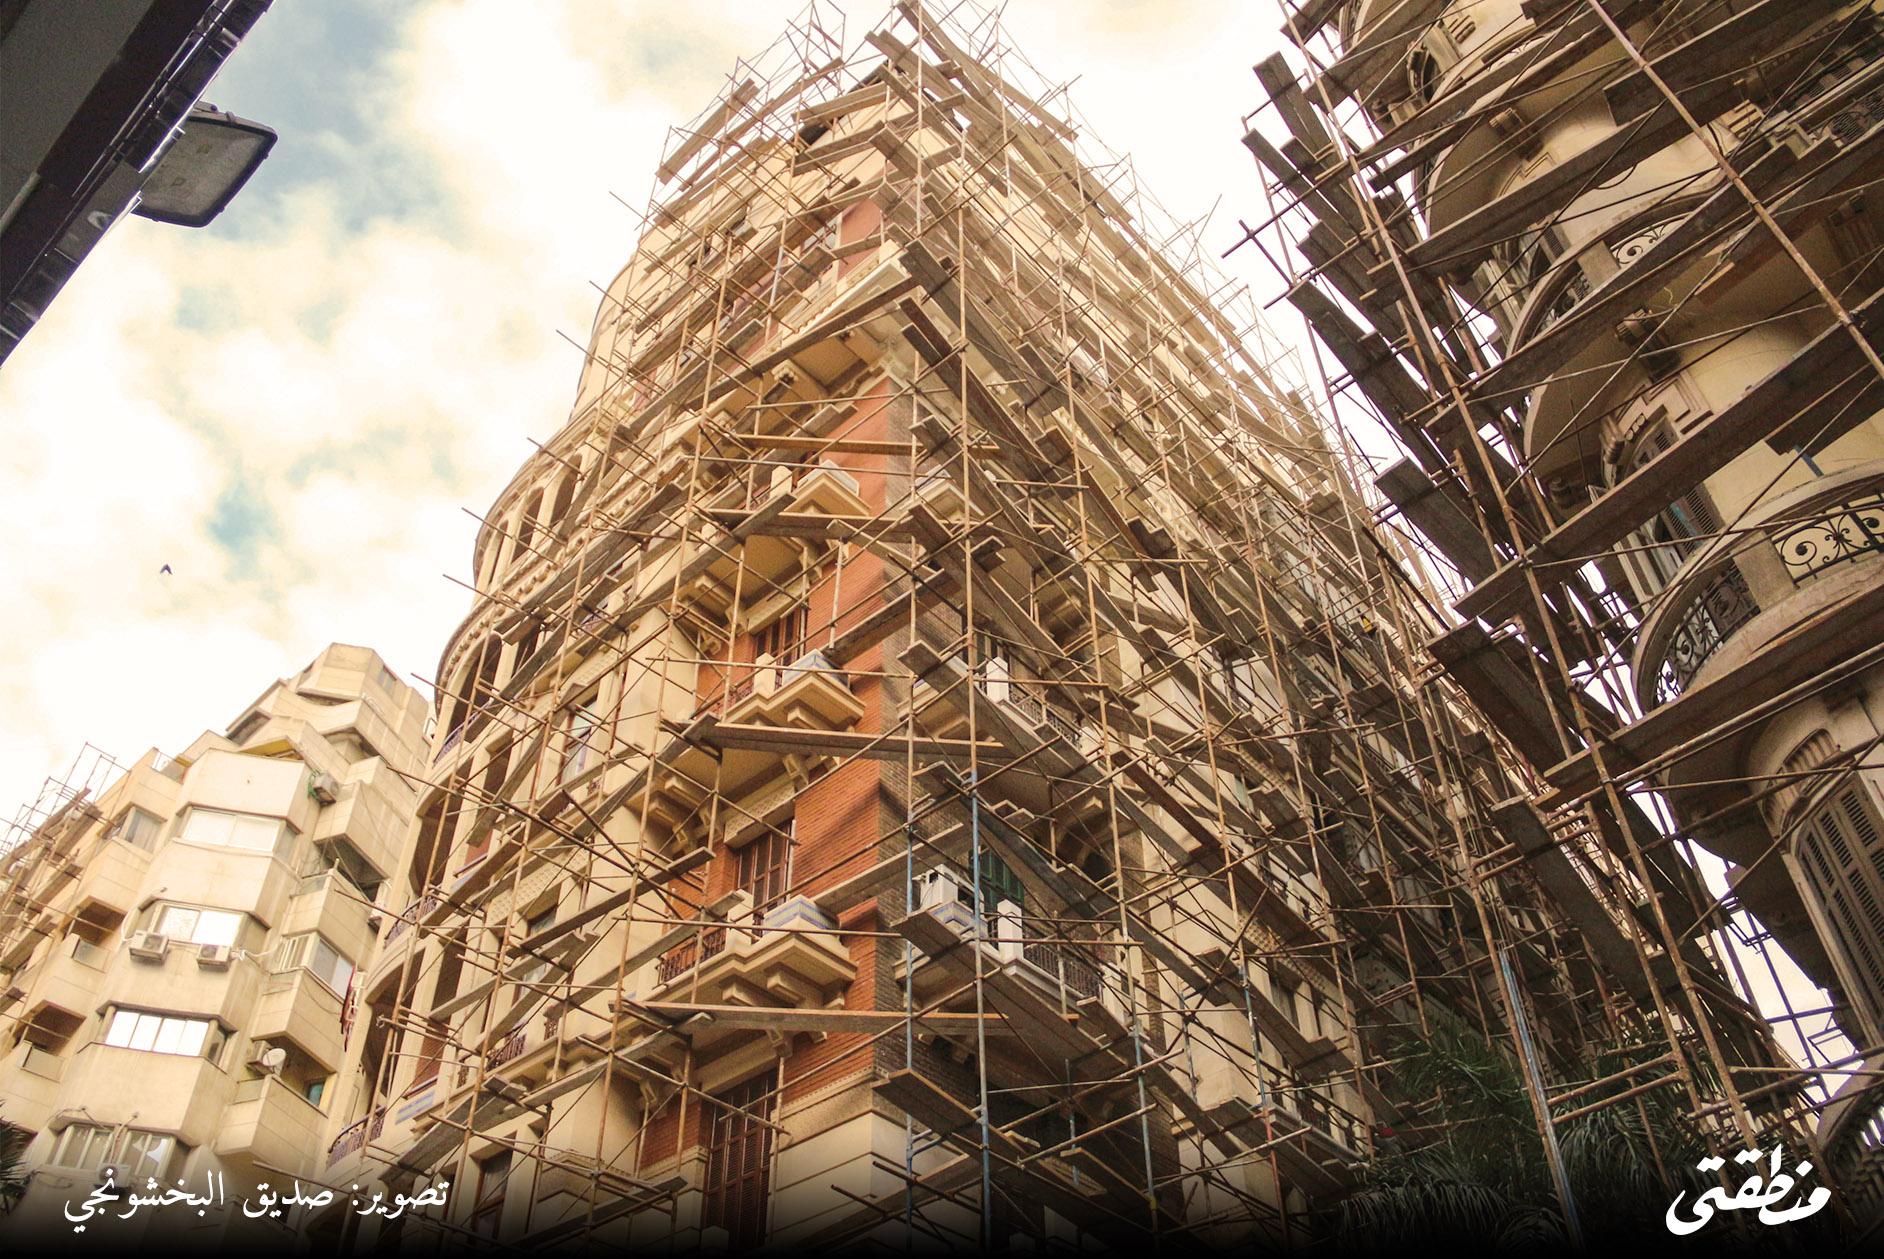 فندق كوزموبوليتان أثناء عمليات ترميمه مطلع العام الجاري - تصوير: صديق البخشونجي